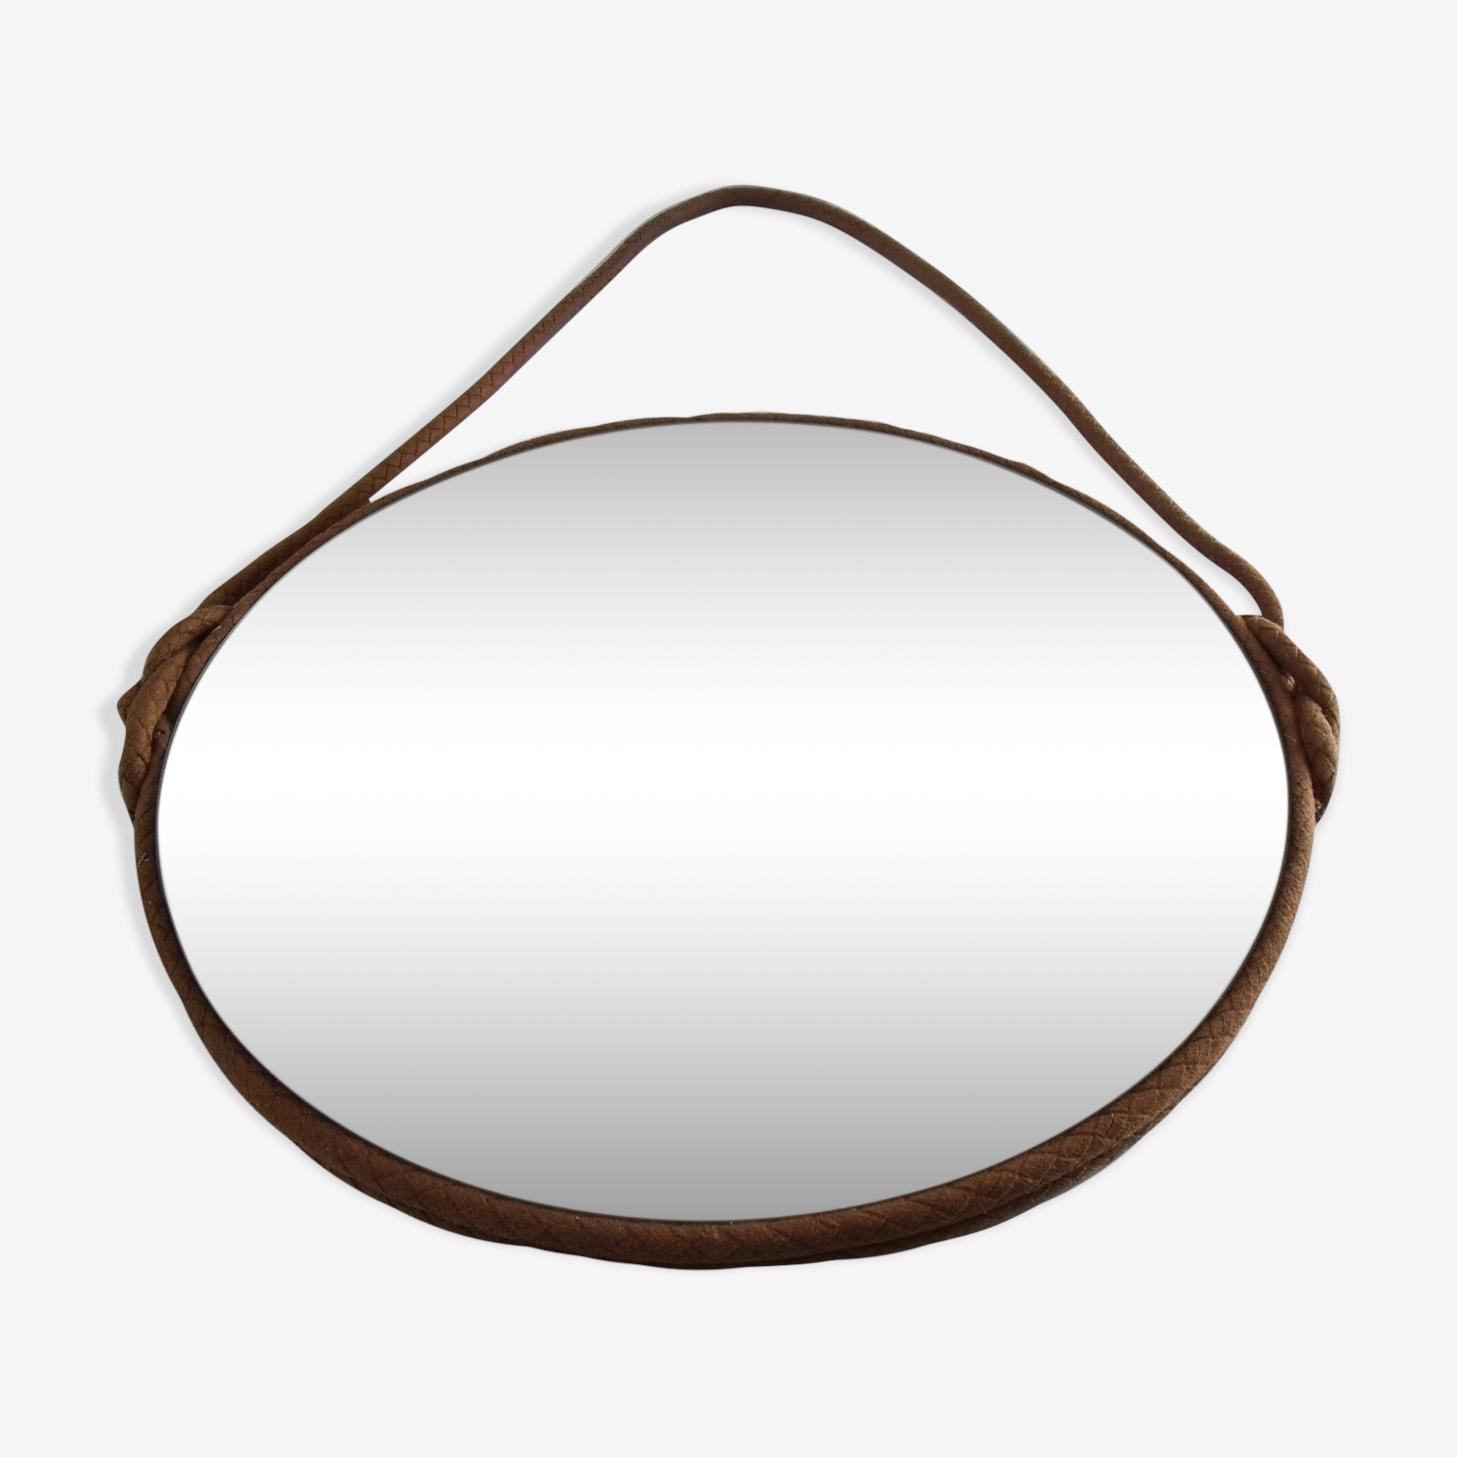 Round beveled mirror 37x37cm